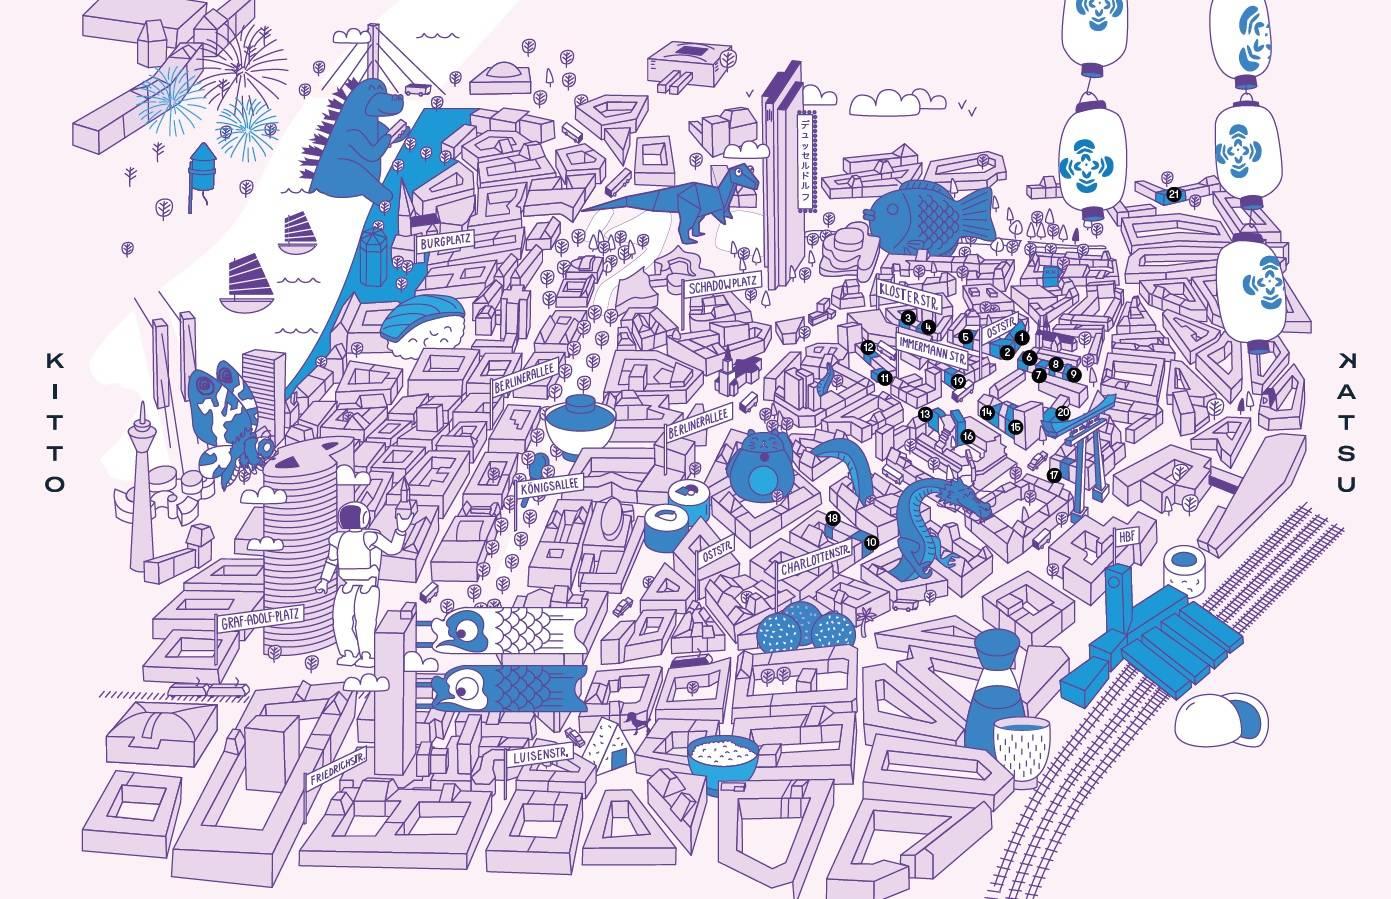 Düsseldorf Karte.Eine Besondere Karte Zeigt Das Japanische Viertel In Düsseldorf